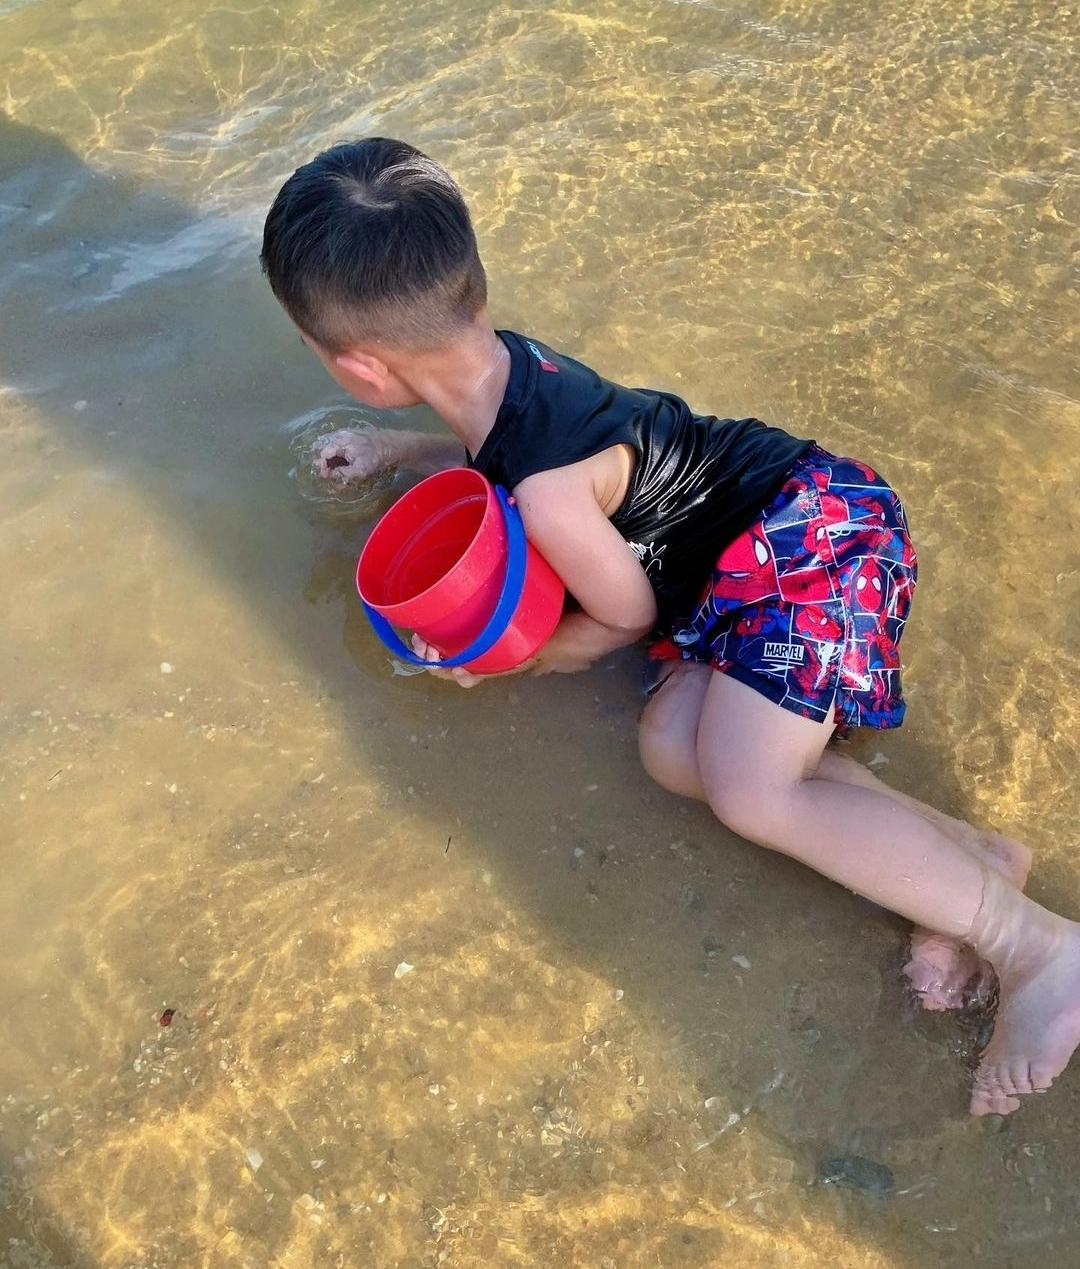 胡杏儿内地拍戏,丈夫既当爹又当妈带儿子捡贝壳,奕霆呛水萌态足